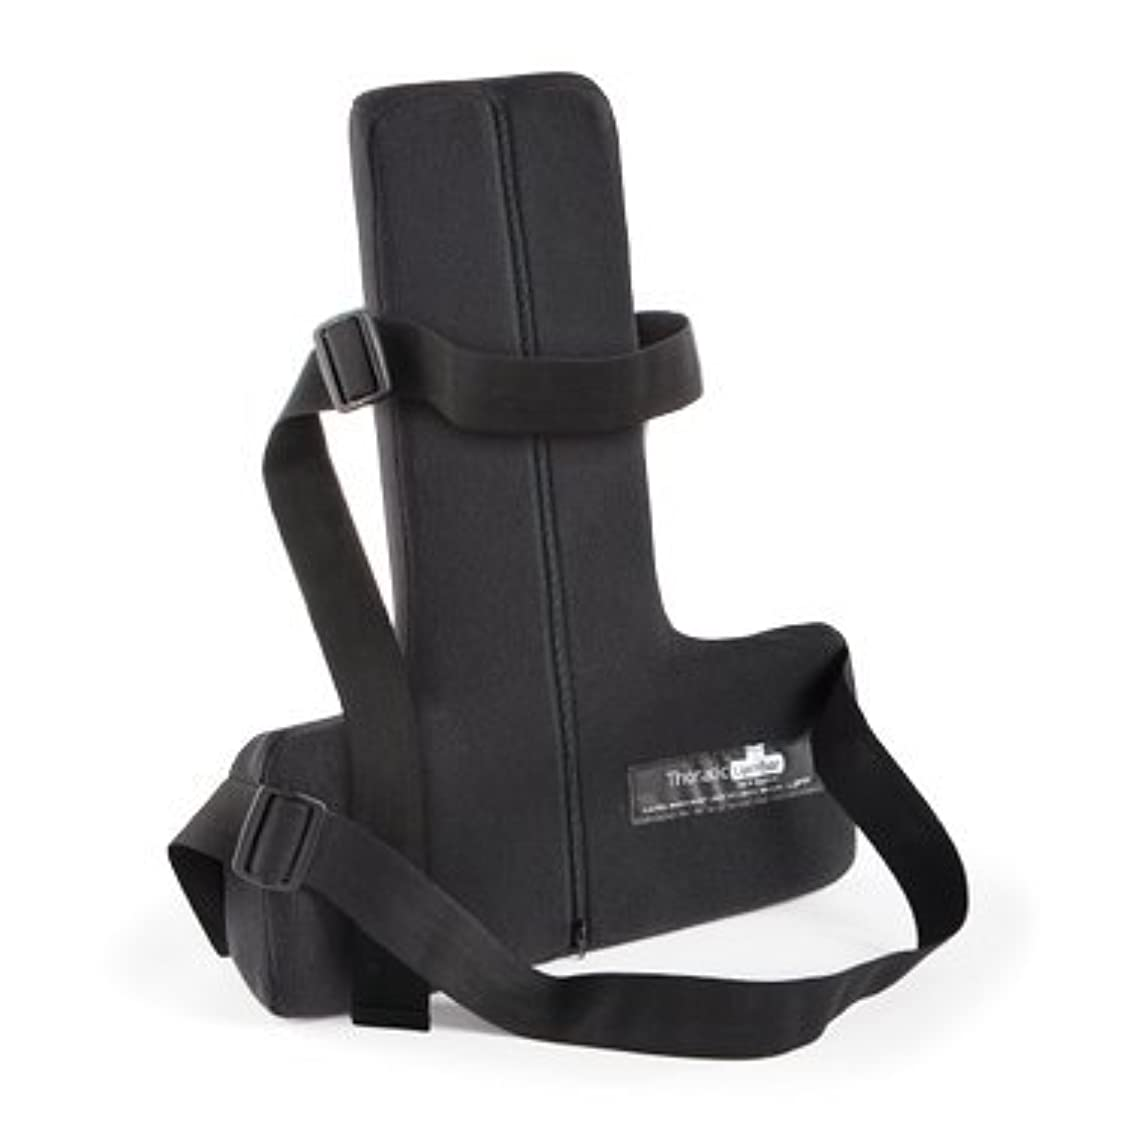 露骨なスティック疫病オーピーティー 自宅 車内 オフィス 椅子腰椎サポート 正しい姿勢で背中 肩 首への負担を減らすクッション